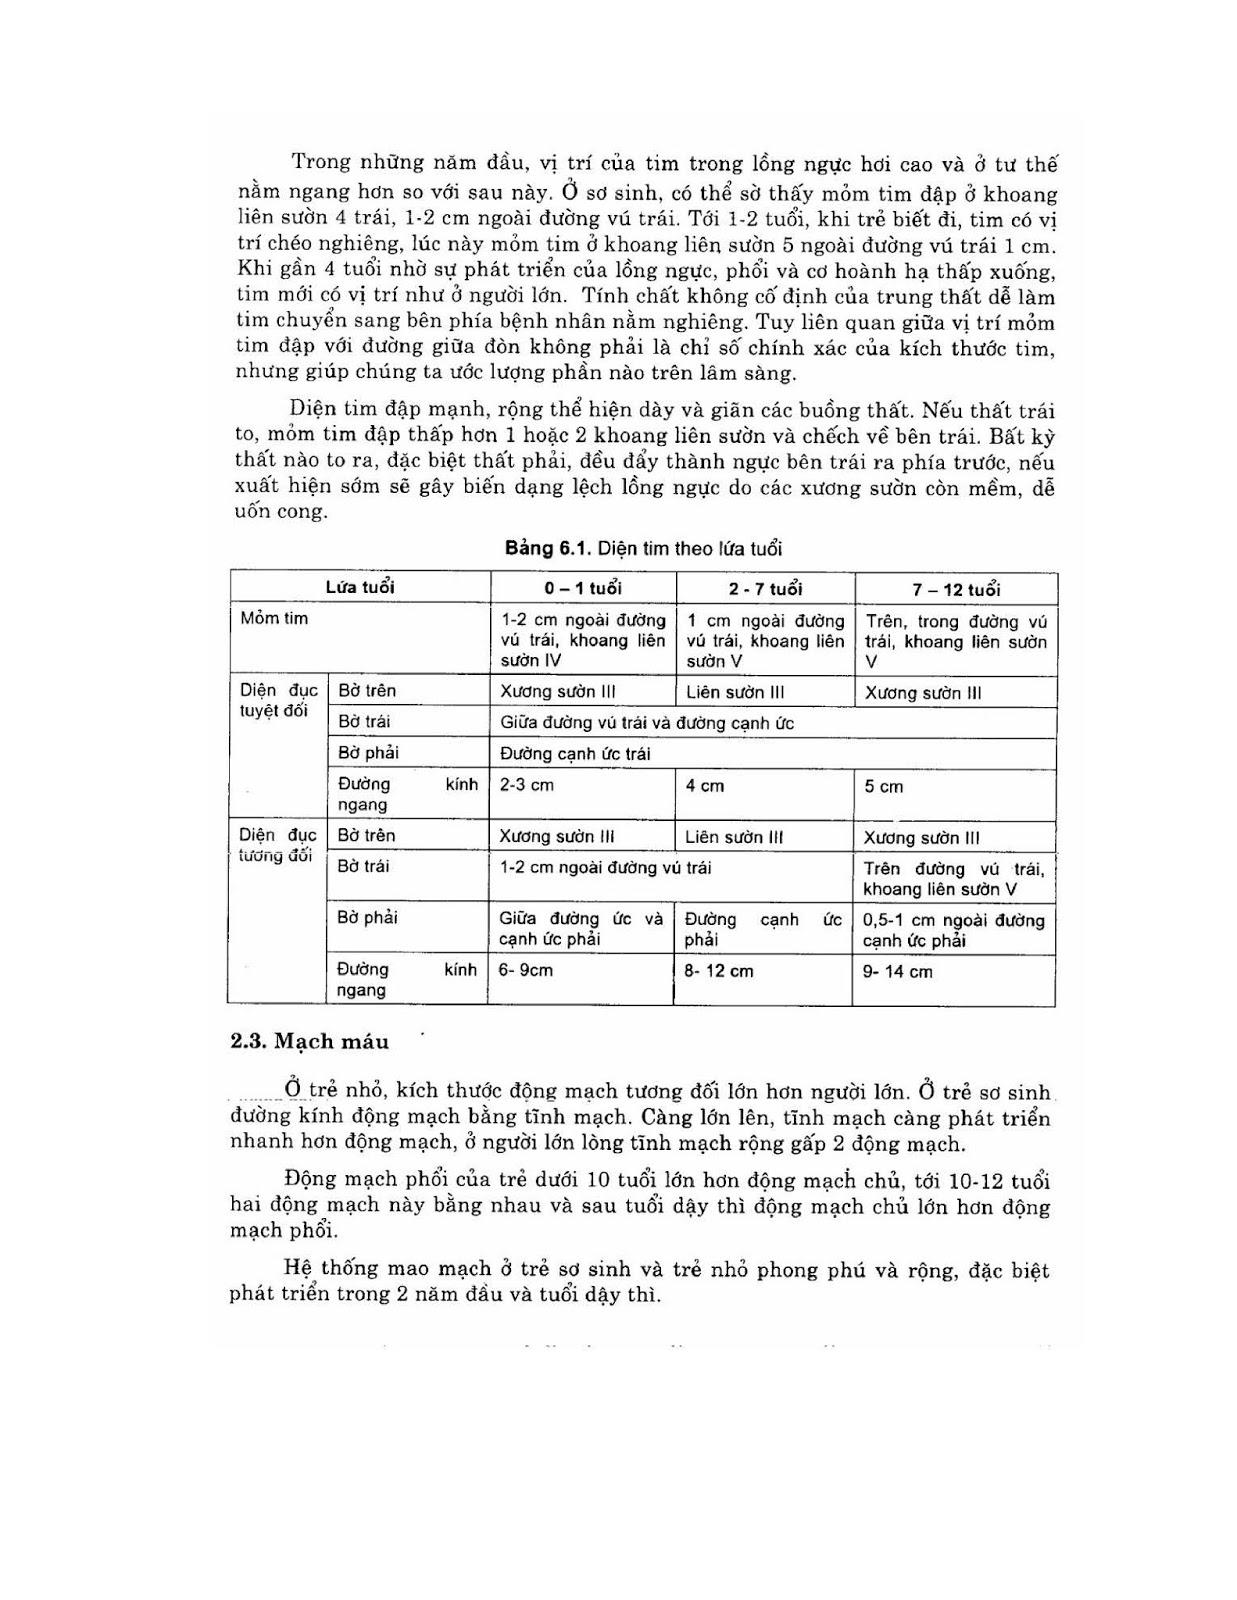 Trang 9 sach Bài giảng Nhi khoa - ĐH Y Hà Nội (Tập 2)